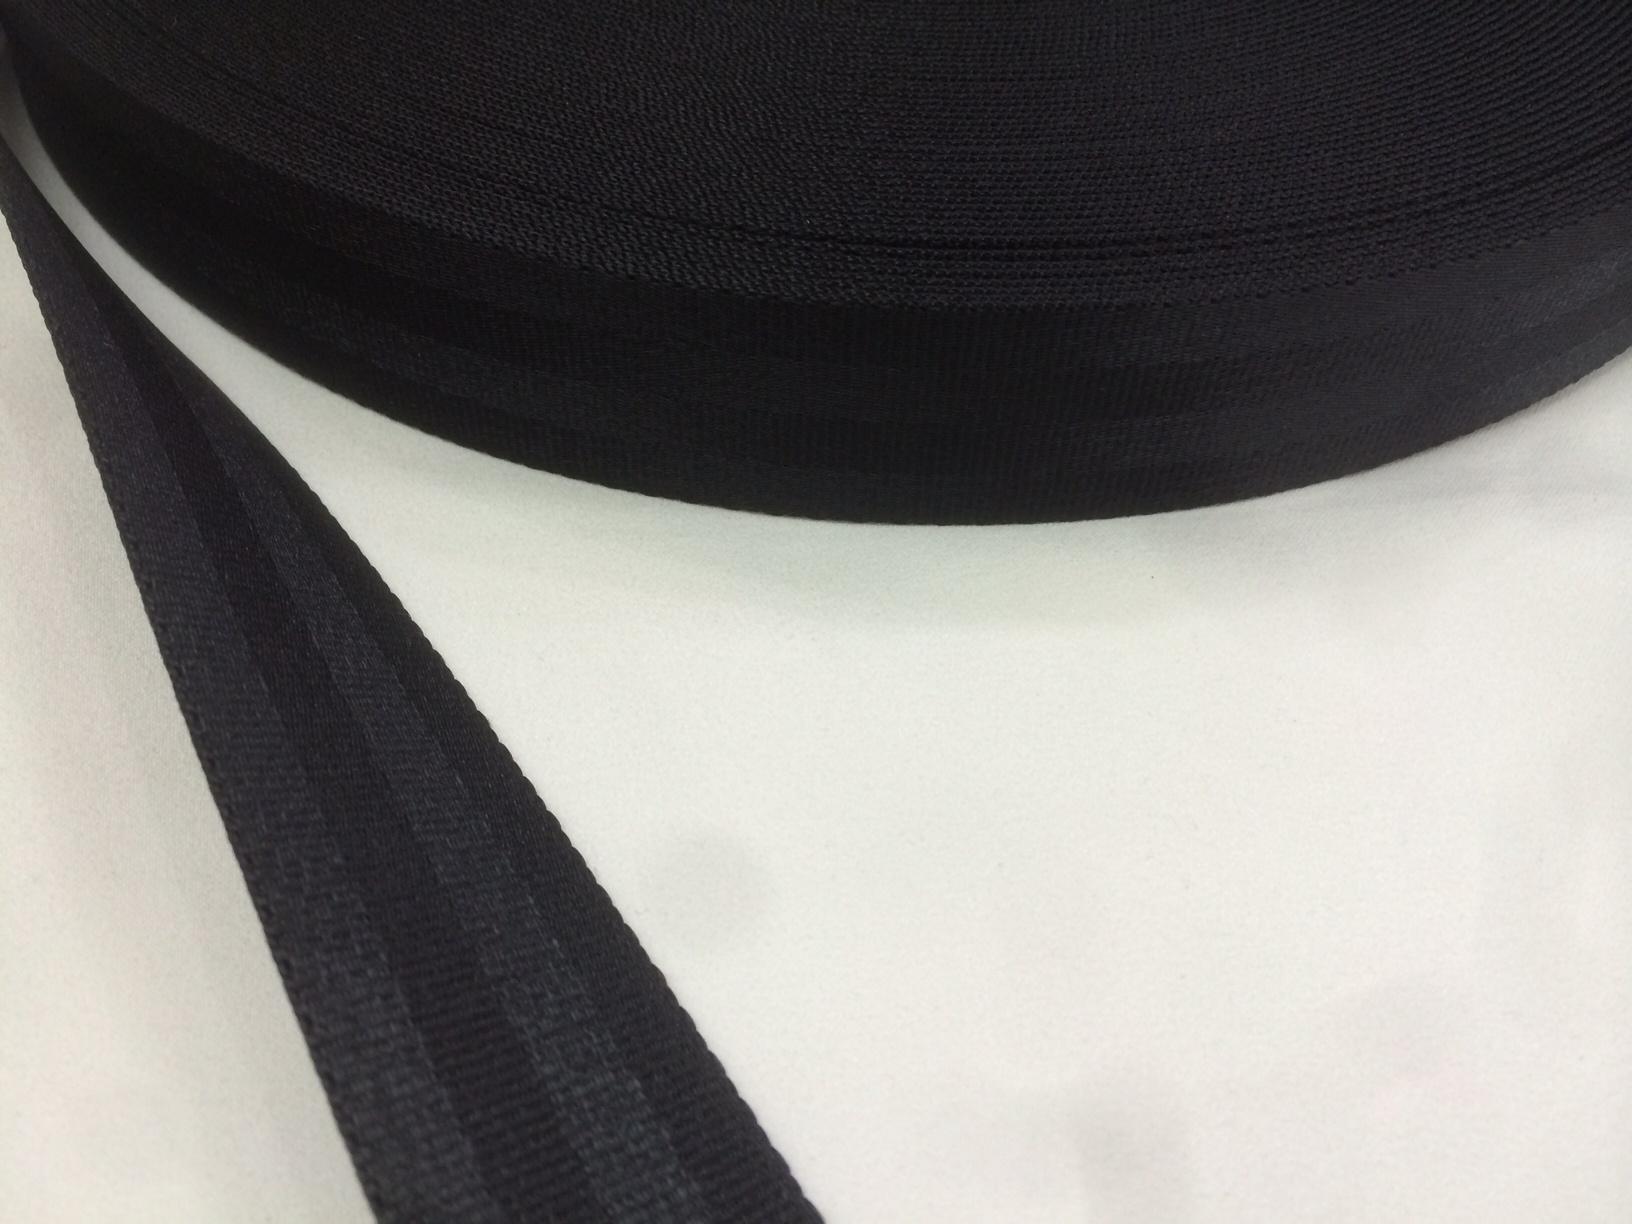 ナイロン ベルト 二ツ山織 38㎜幅 1.6㎜厚 黒 5m